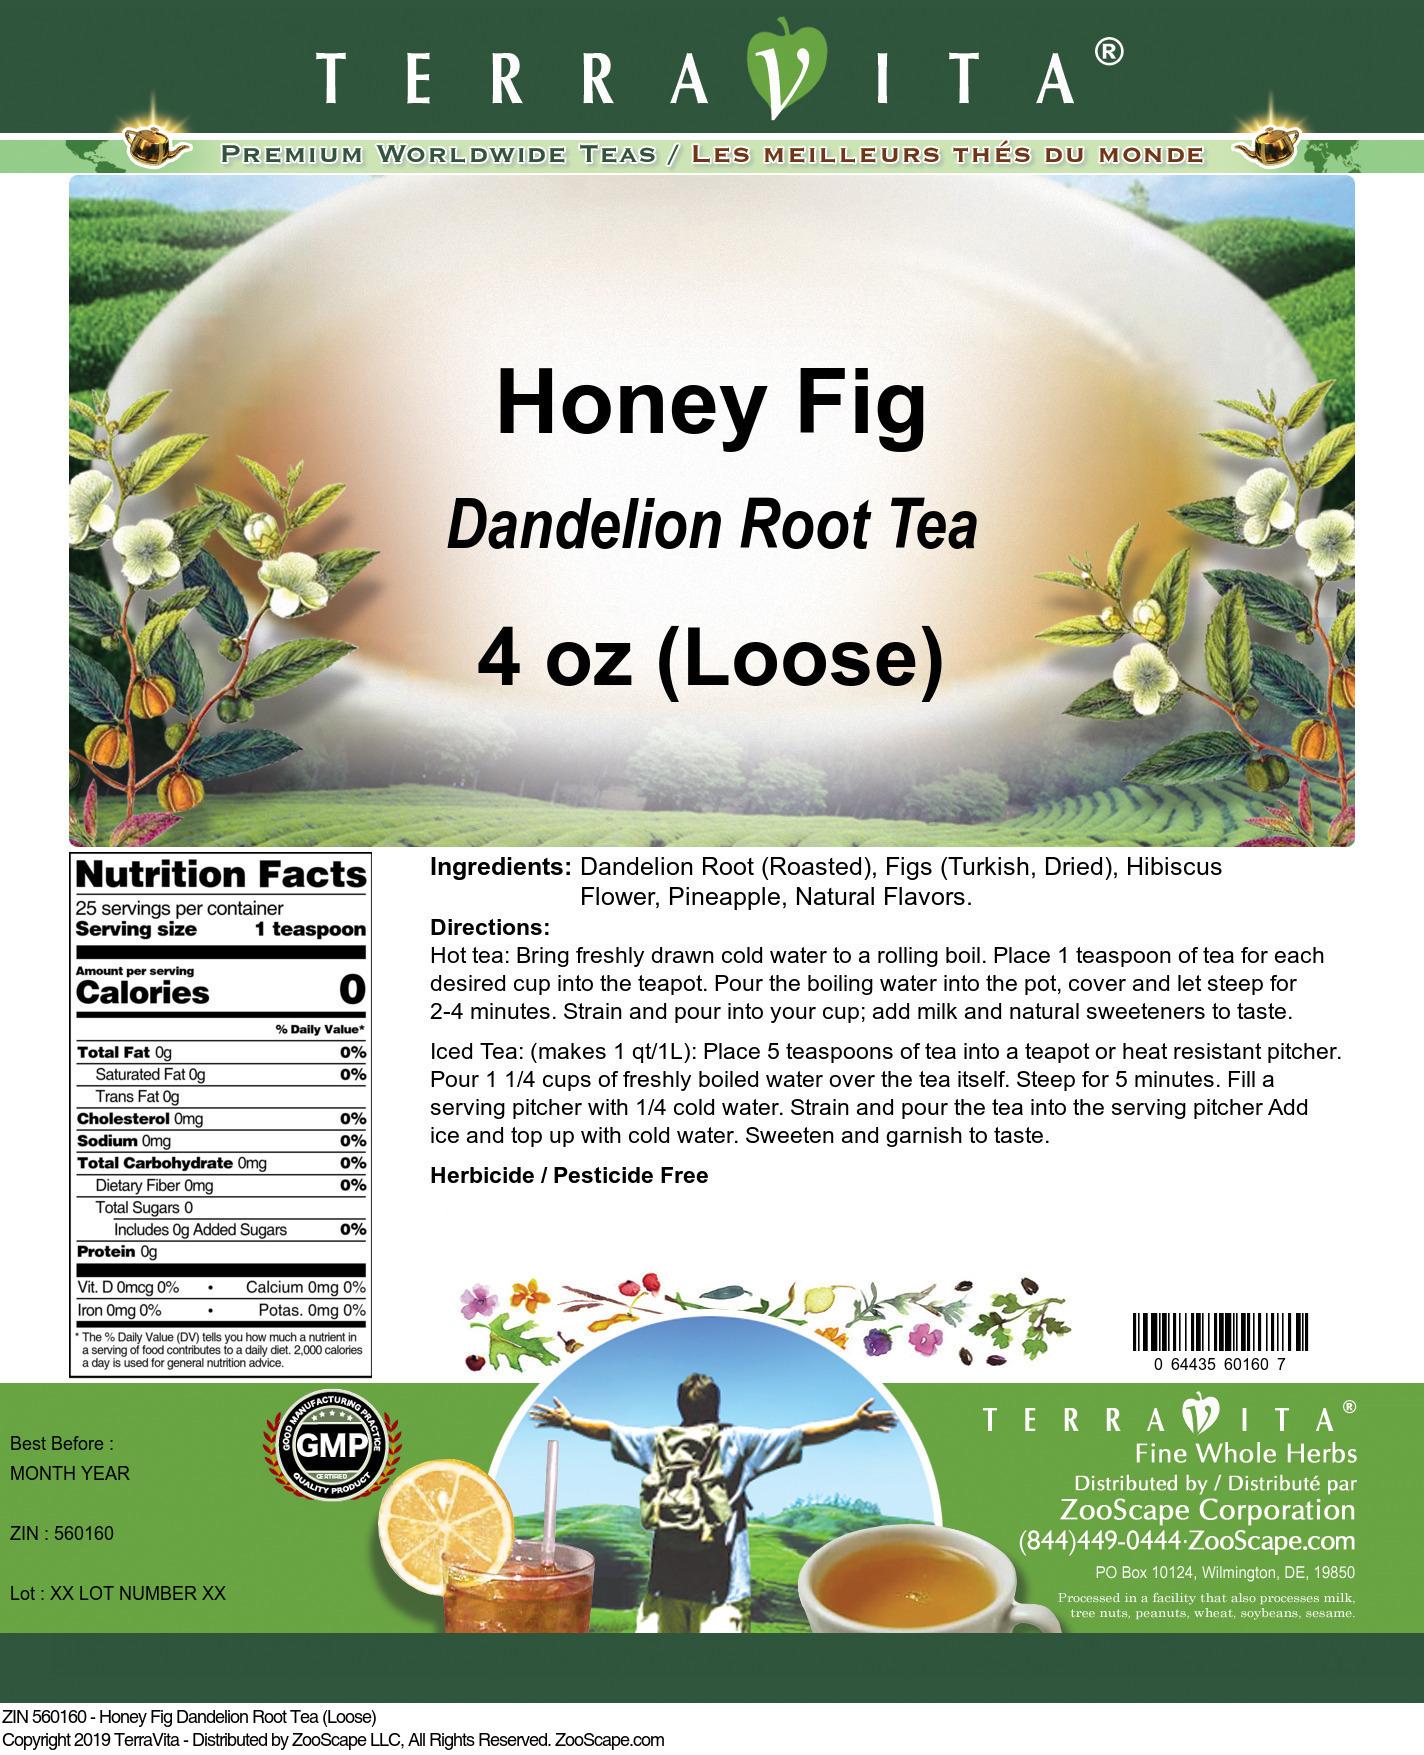 Honey Fig Dandelion Root Tea (Loose)